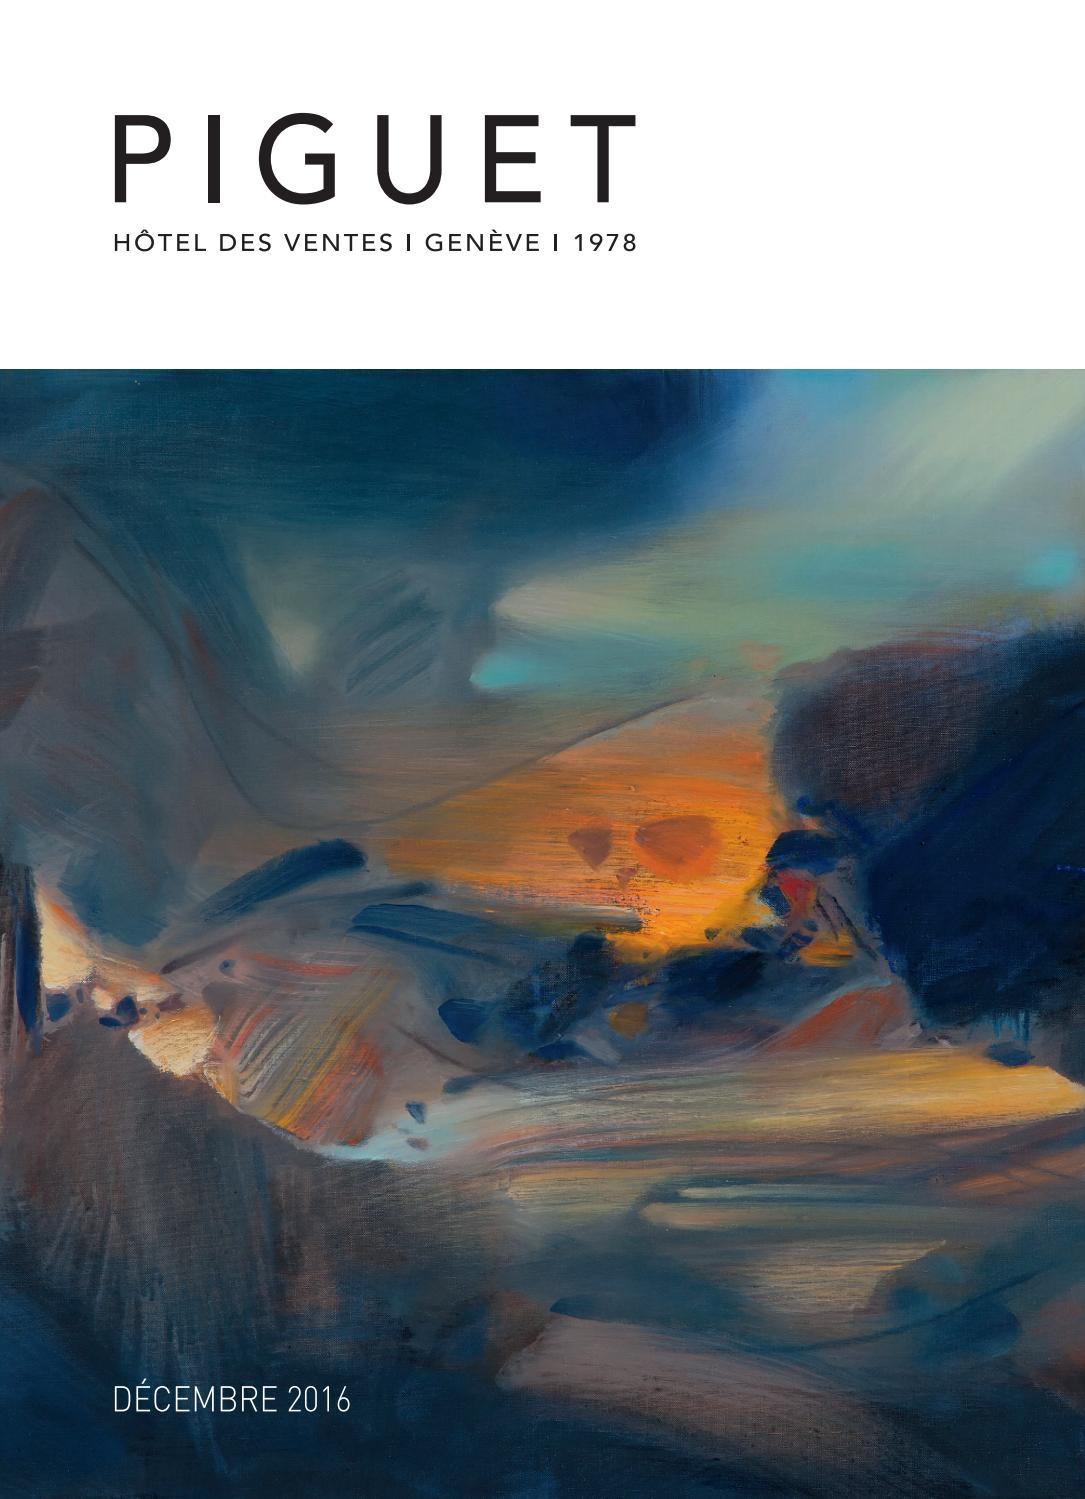 Piguet Hôtel des Ventes I Vente de décembre 2016 by Piguet Hôtel des Ventes    Genève - issuu 609f5e4640c